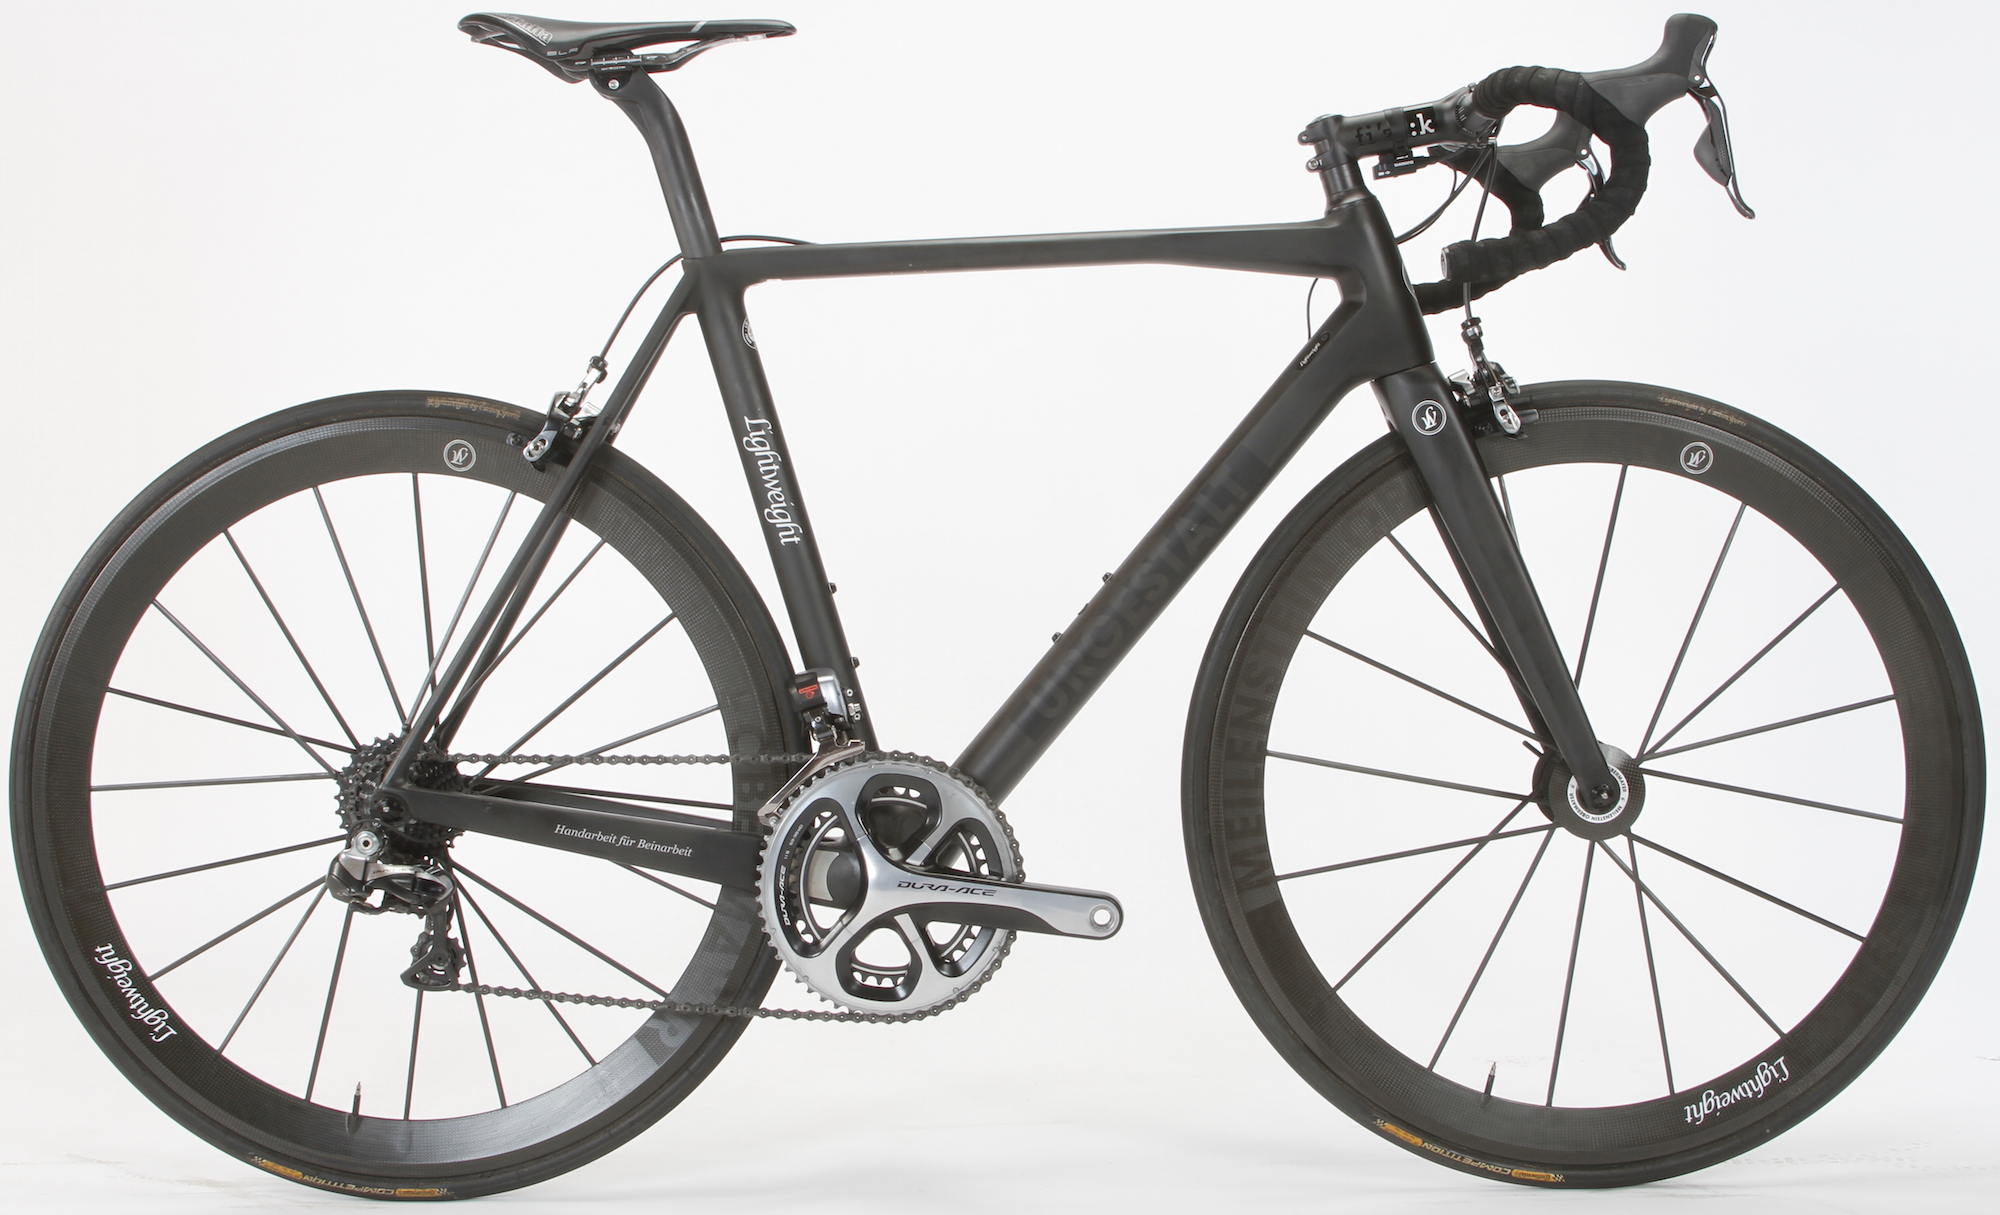 Lightweight Urgestalt Carbon Fiber Bike Frame